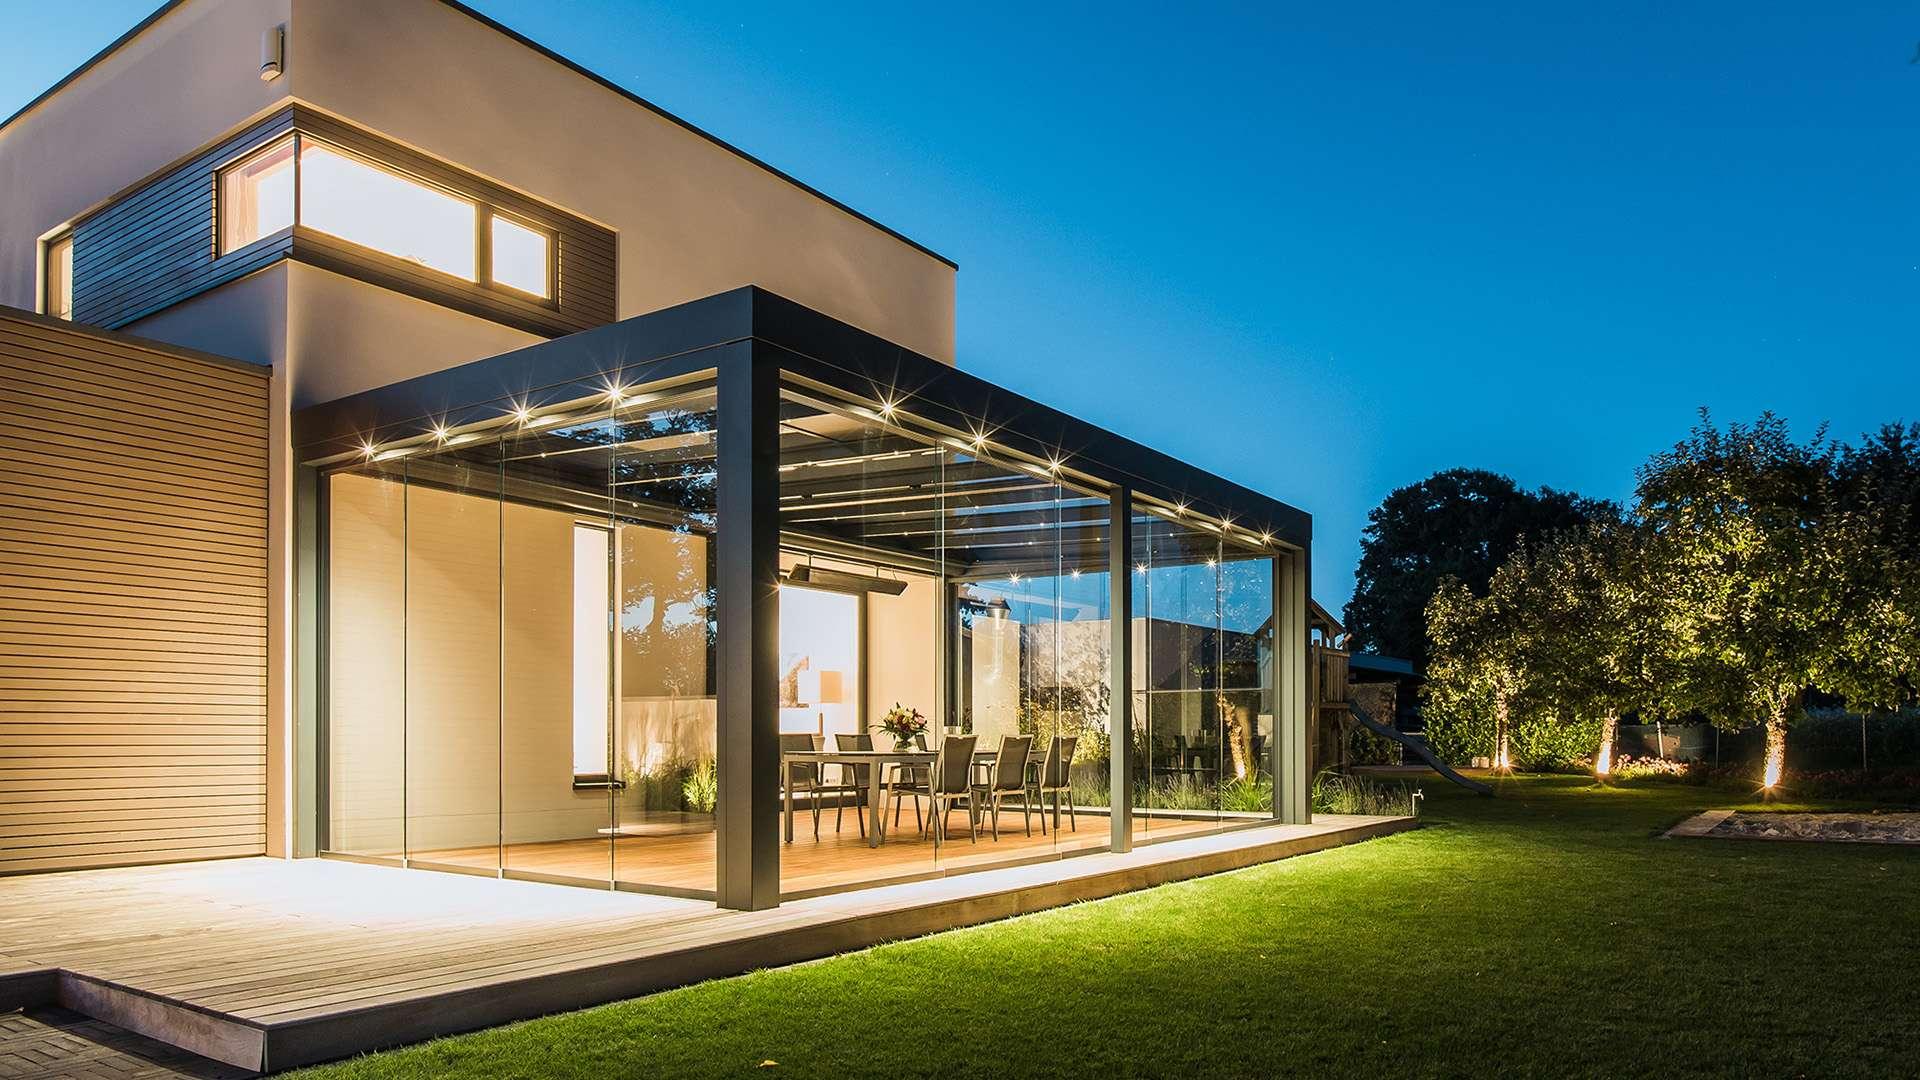 beleuchtetes Solarlux SDL Acubis Terrassendach an einem modernen Wohnhaus